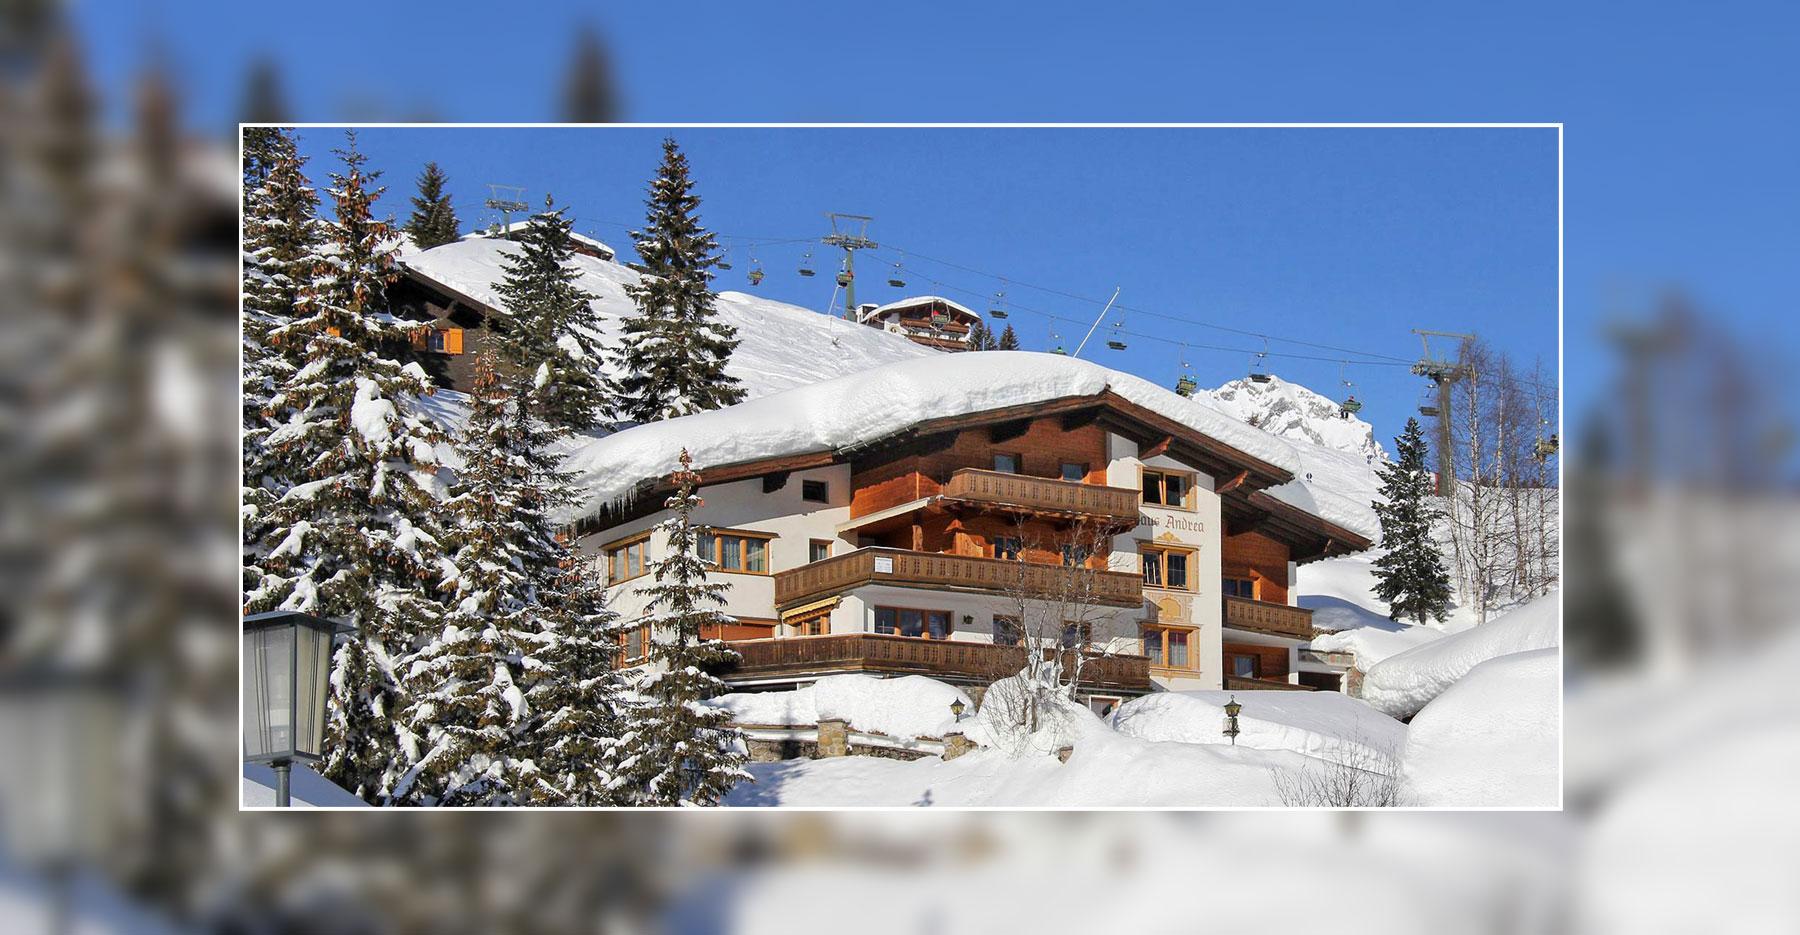 Lech Winter Bilder - Schneehöhen - Appartements Andera - Lech am Arlberg